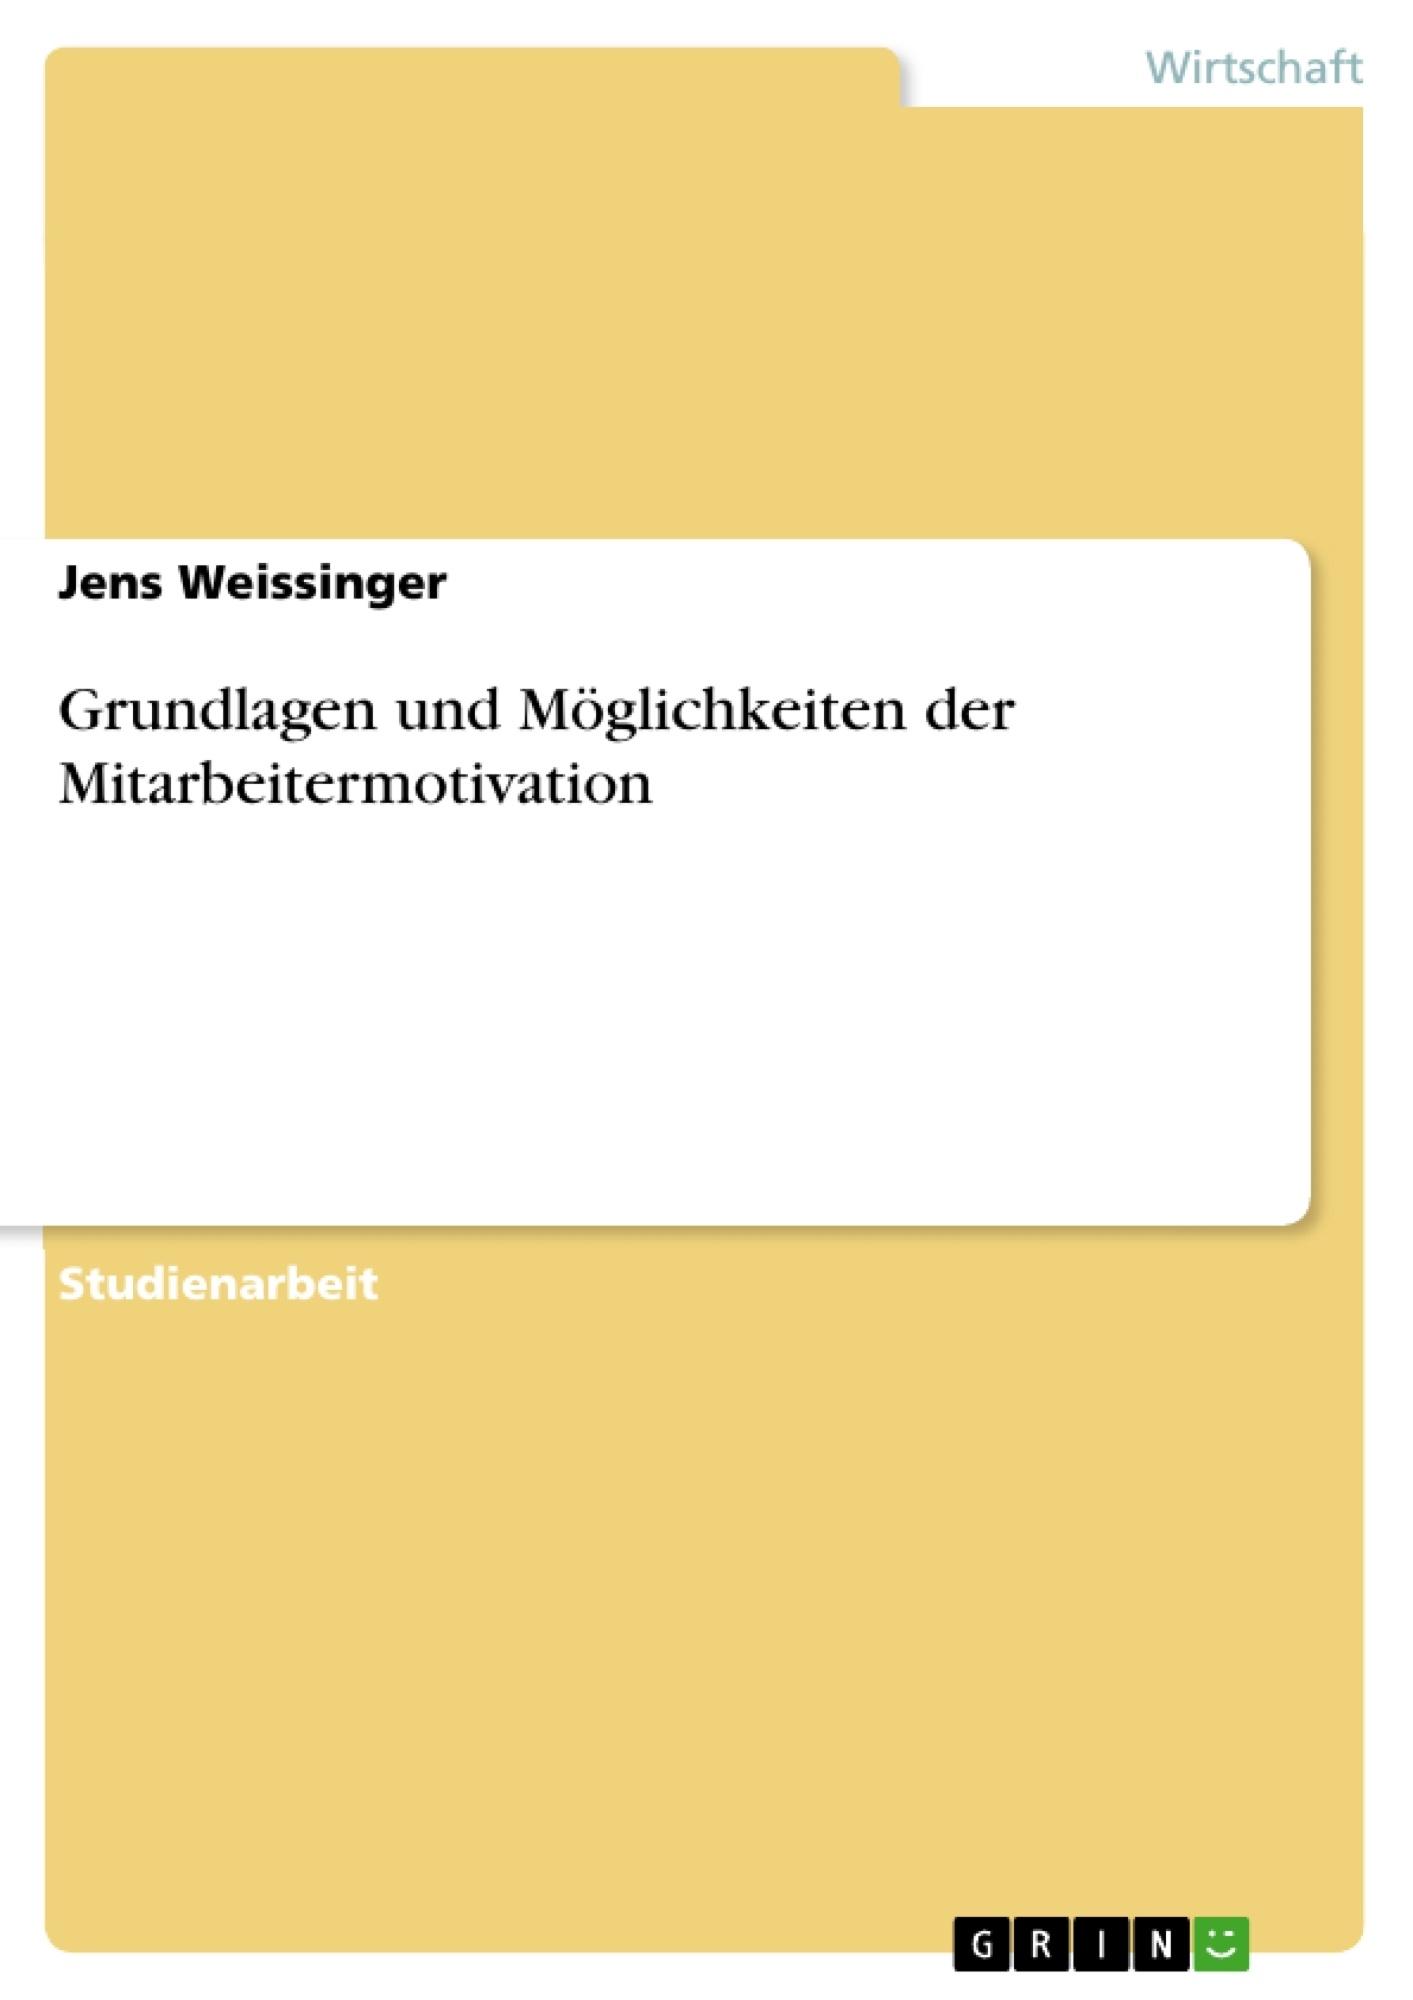 Titel: Grundlagen und Möglichkeiten der Mitarbeitermotivation